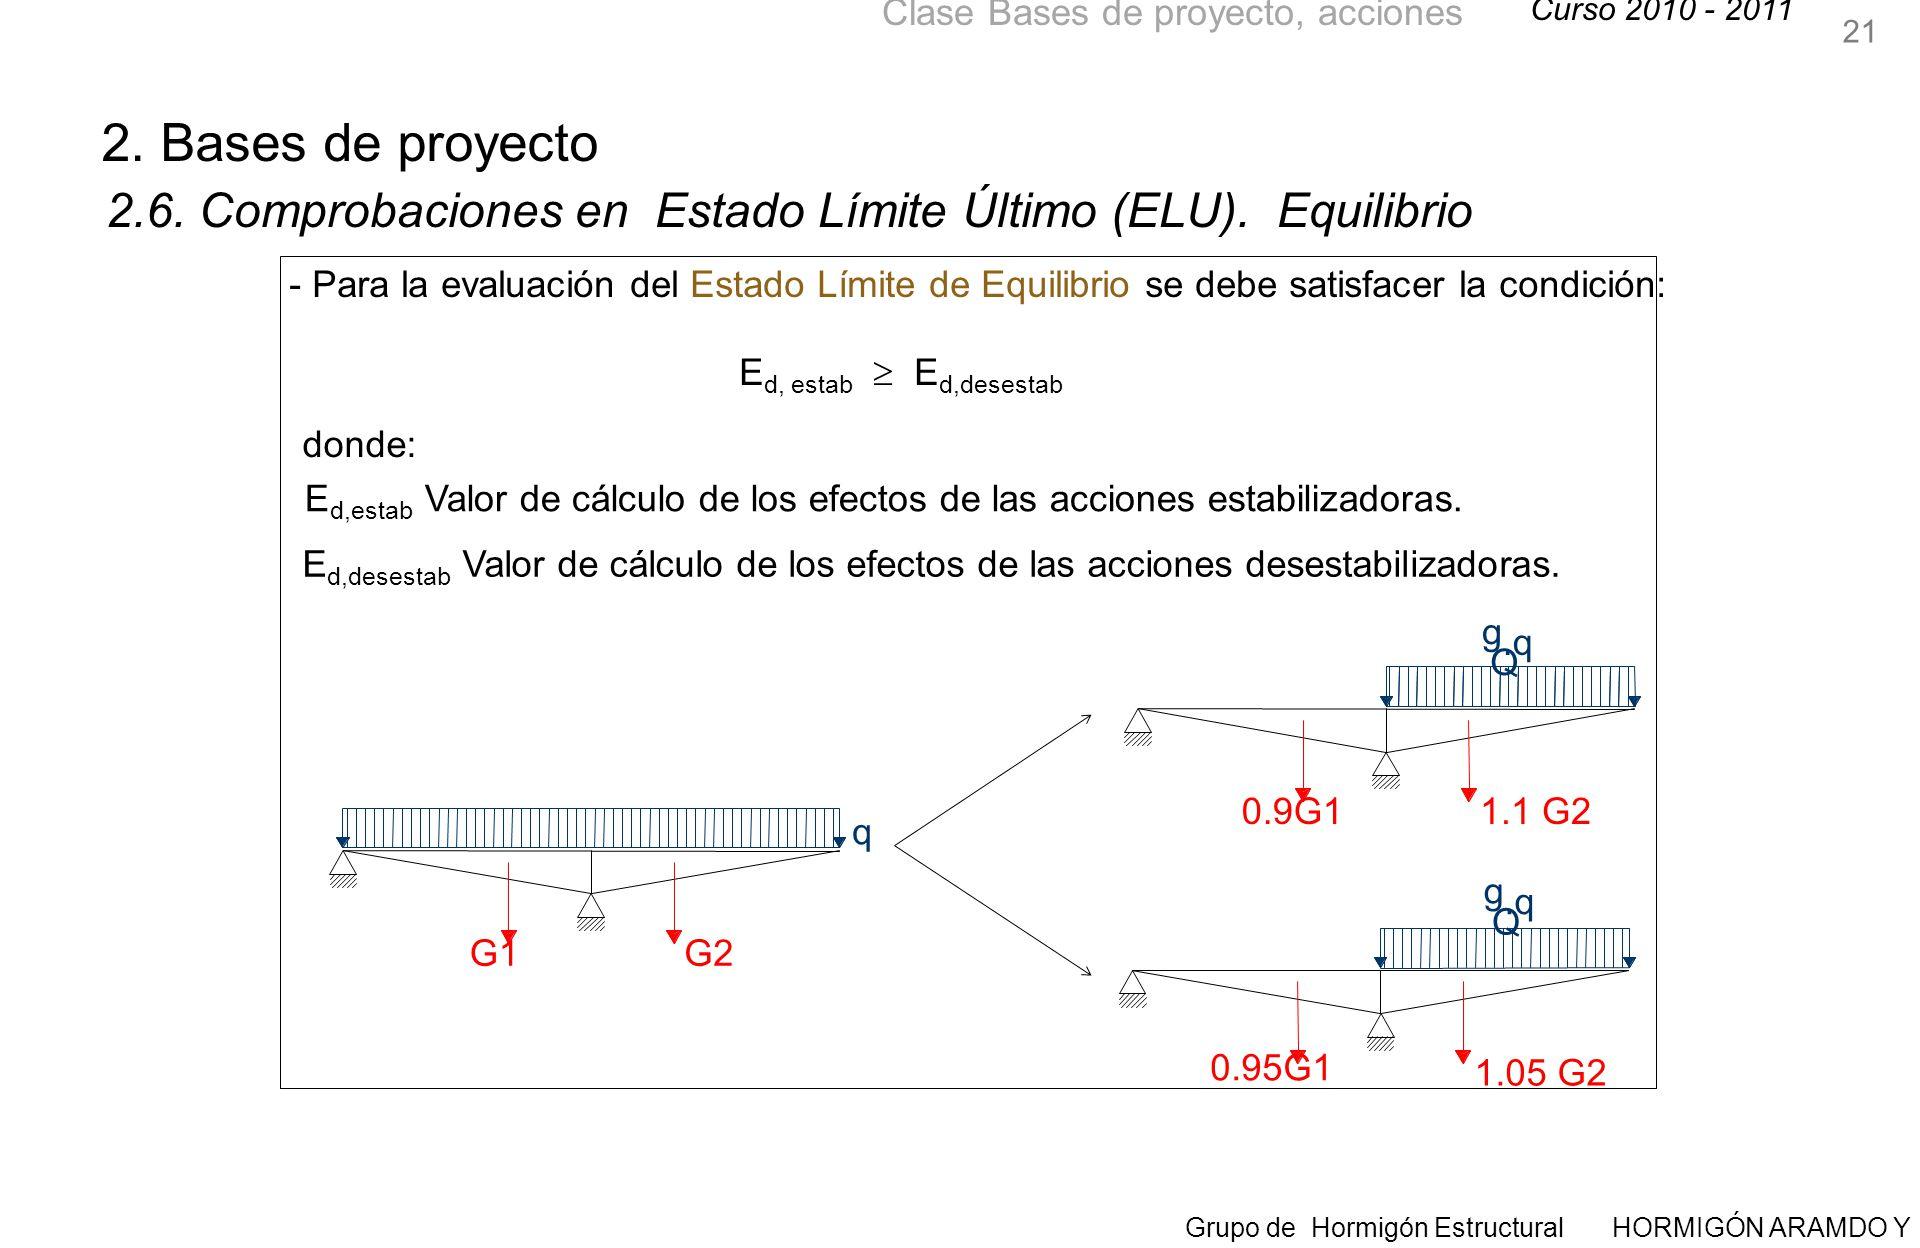 Curso 2010 - 2011 Grupo de Hormigón Estructural HORMIGÓN ARAMDO Y PRETENSADO II Clase Bases de proyecto, acciones 21 2.6.